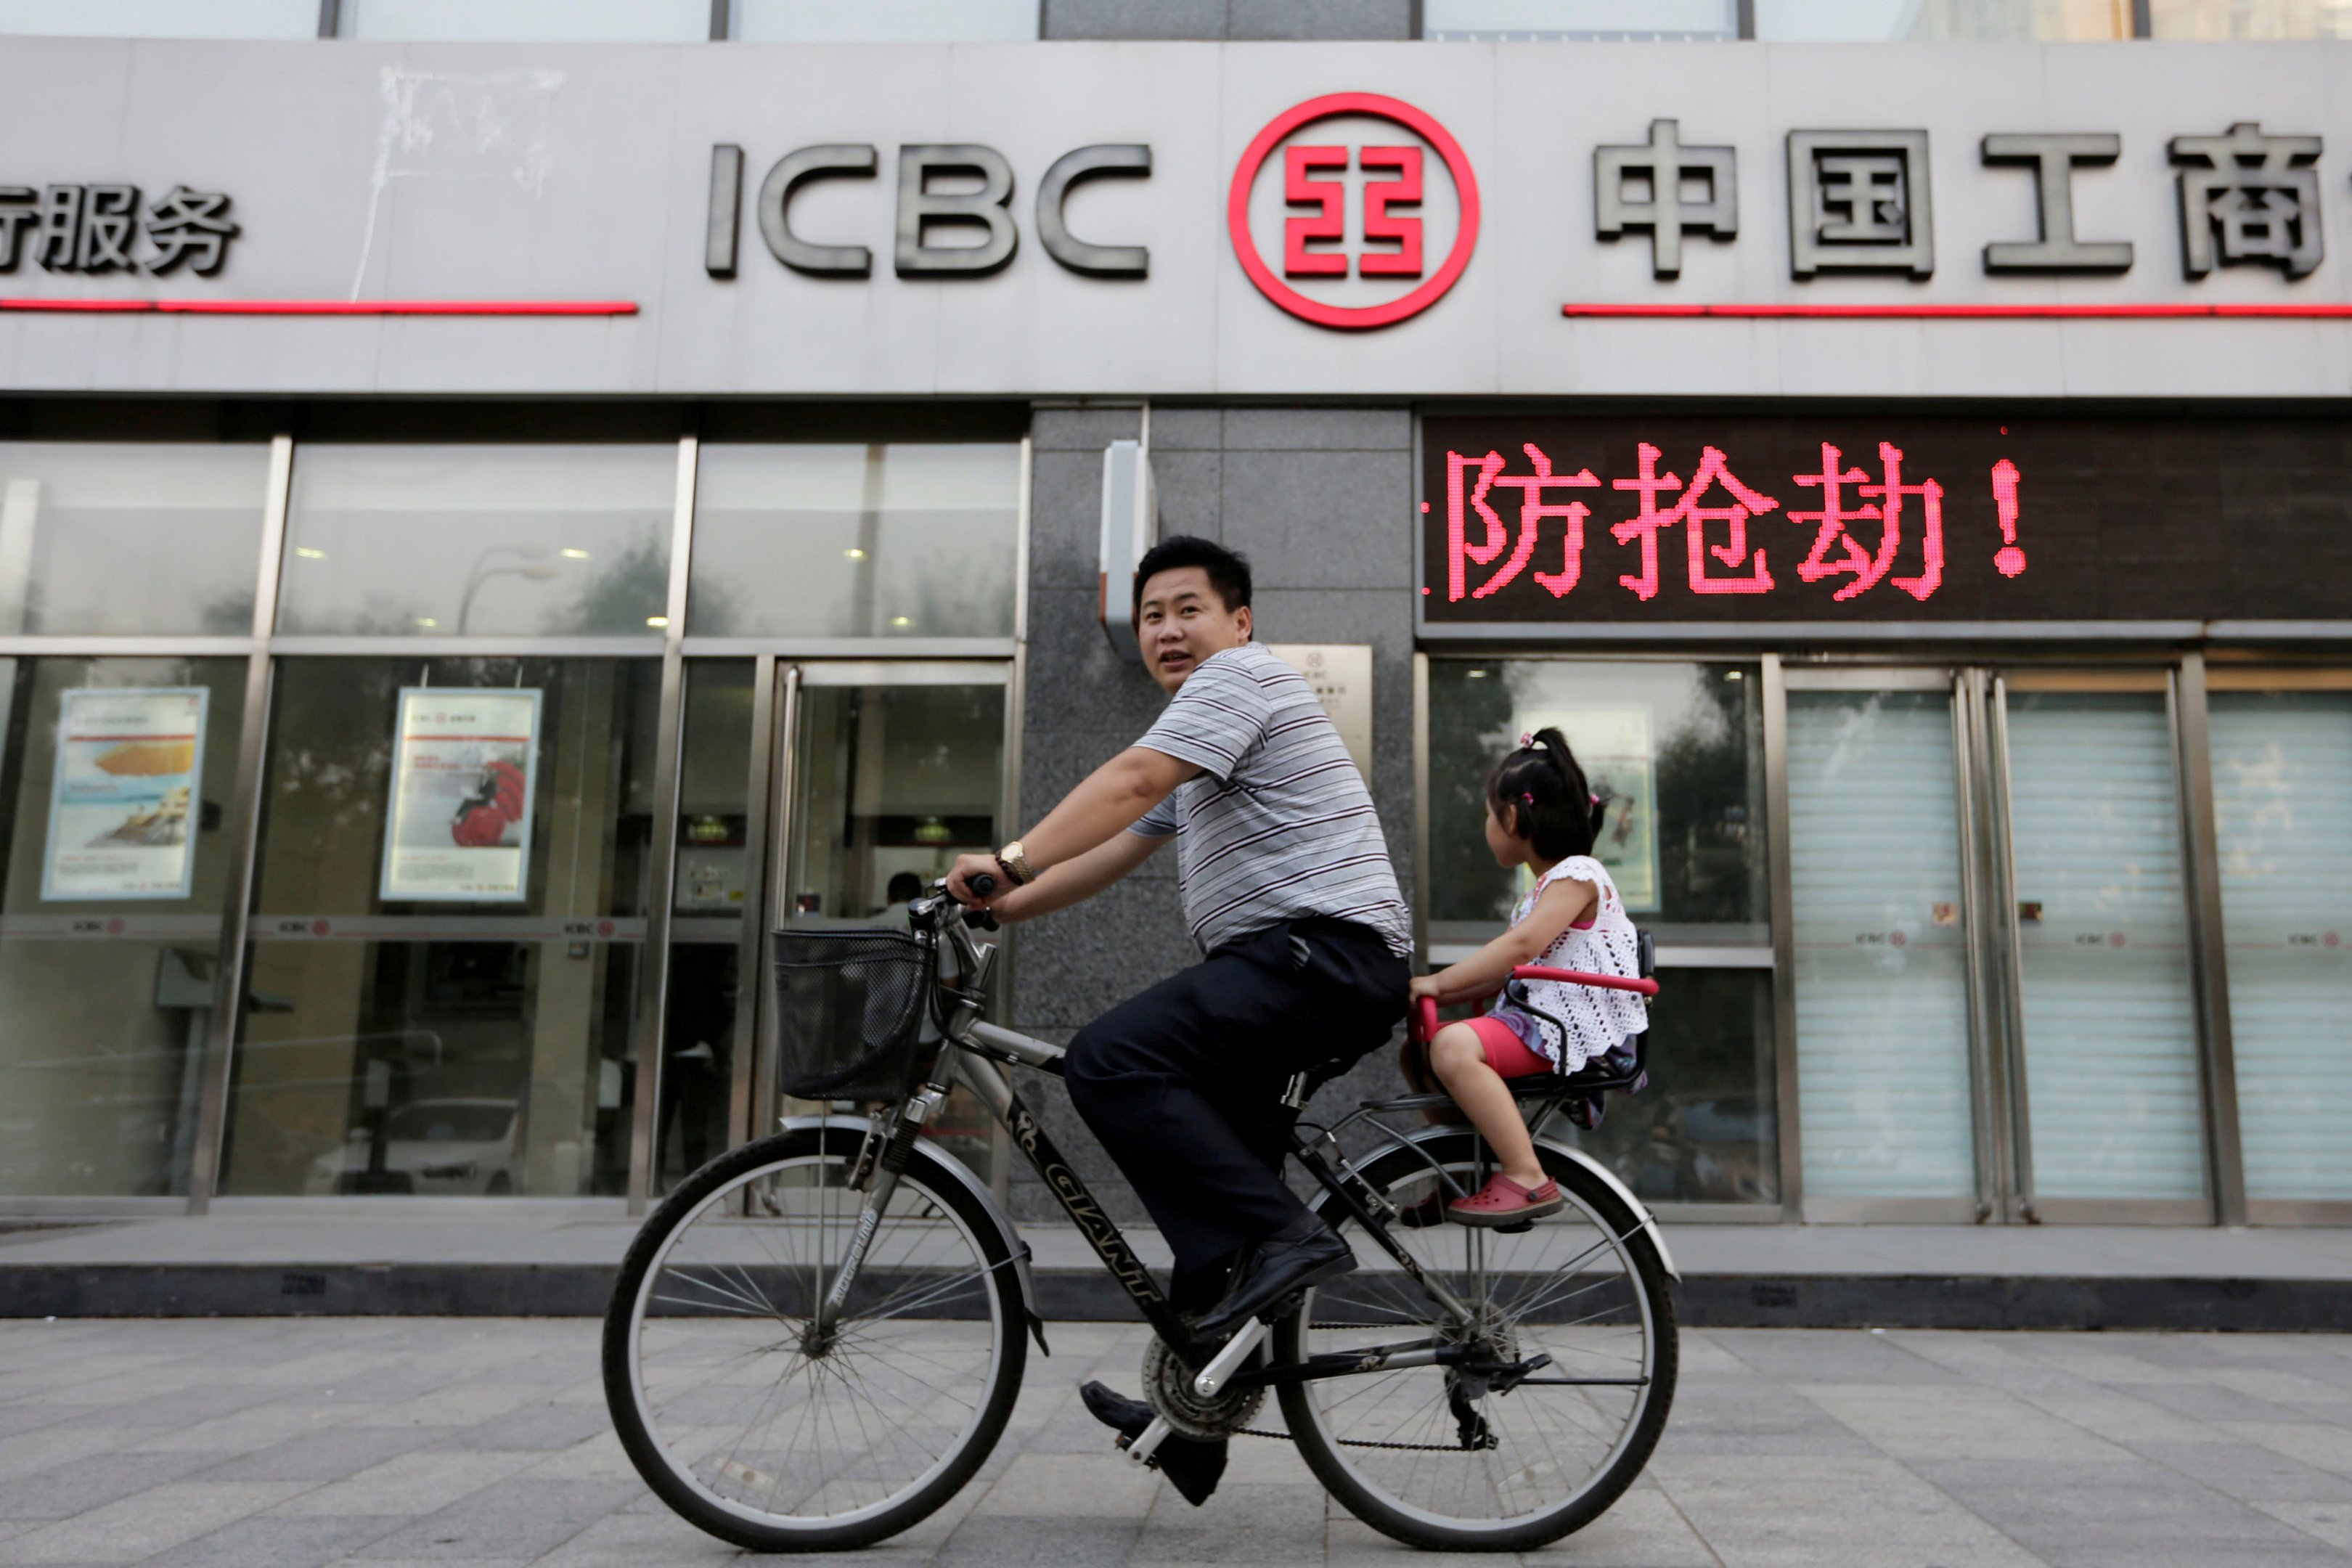 Homem e filha andam de bicicleta na frente de uma agência do banco ICBC, em Pequim, dia 26/06/2013